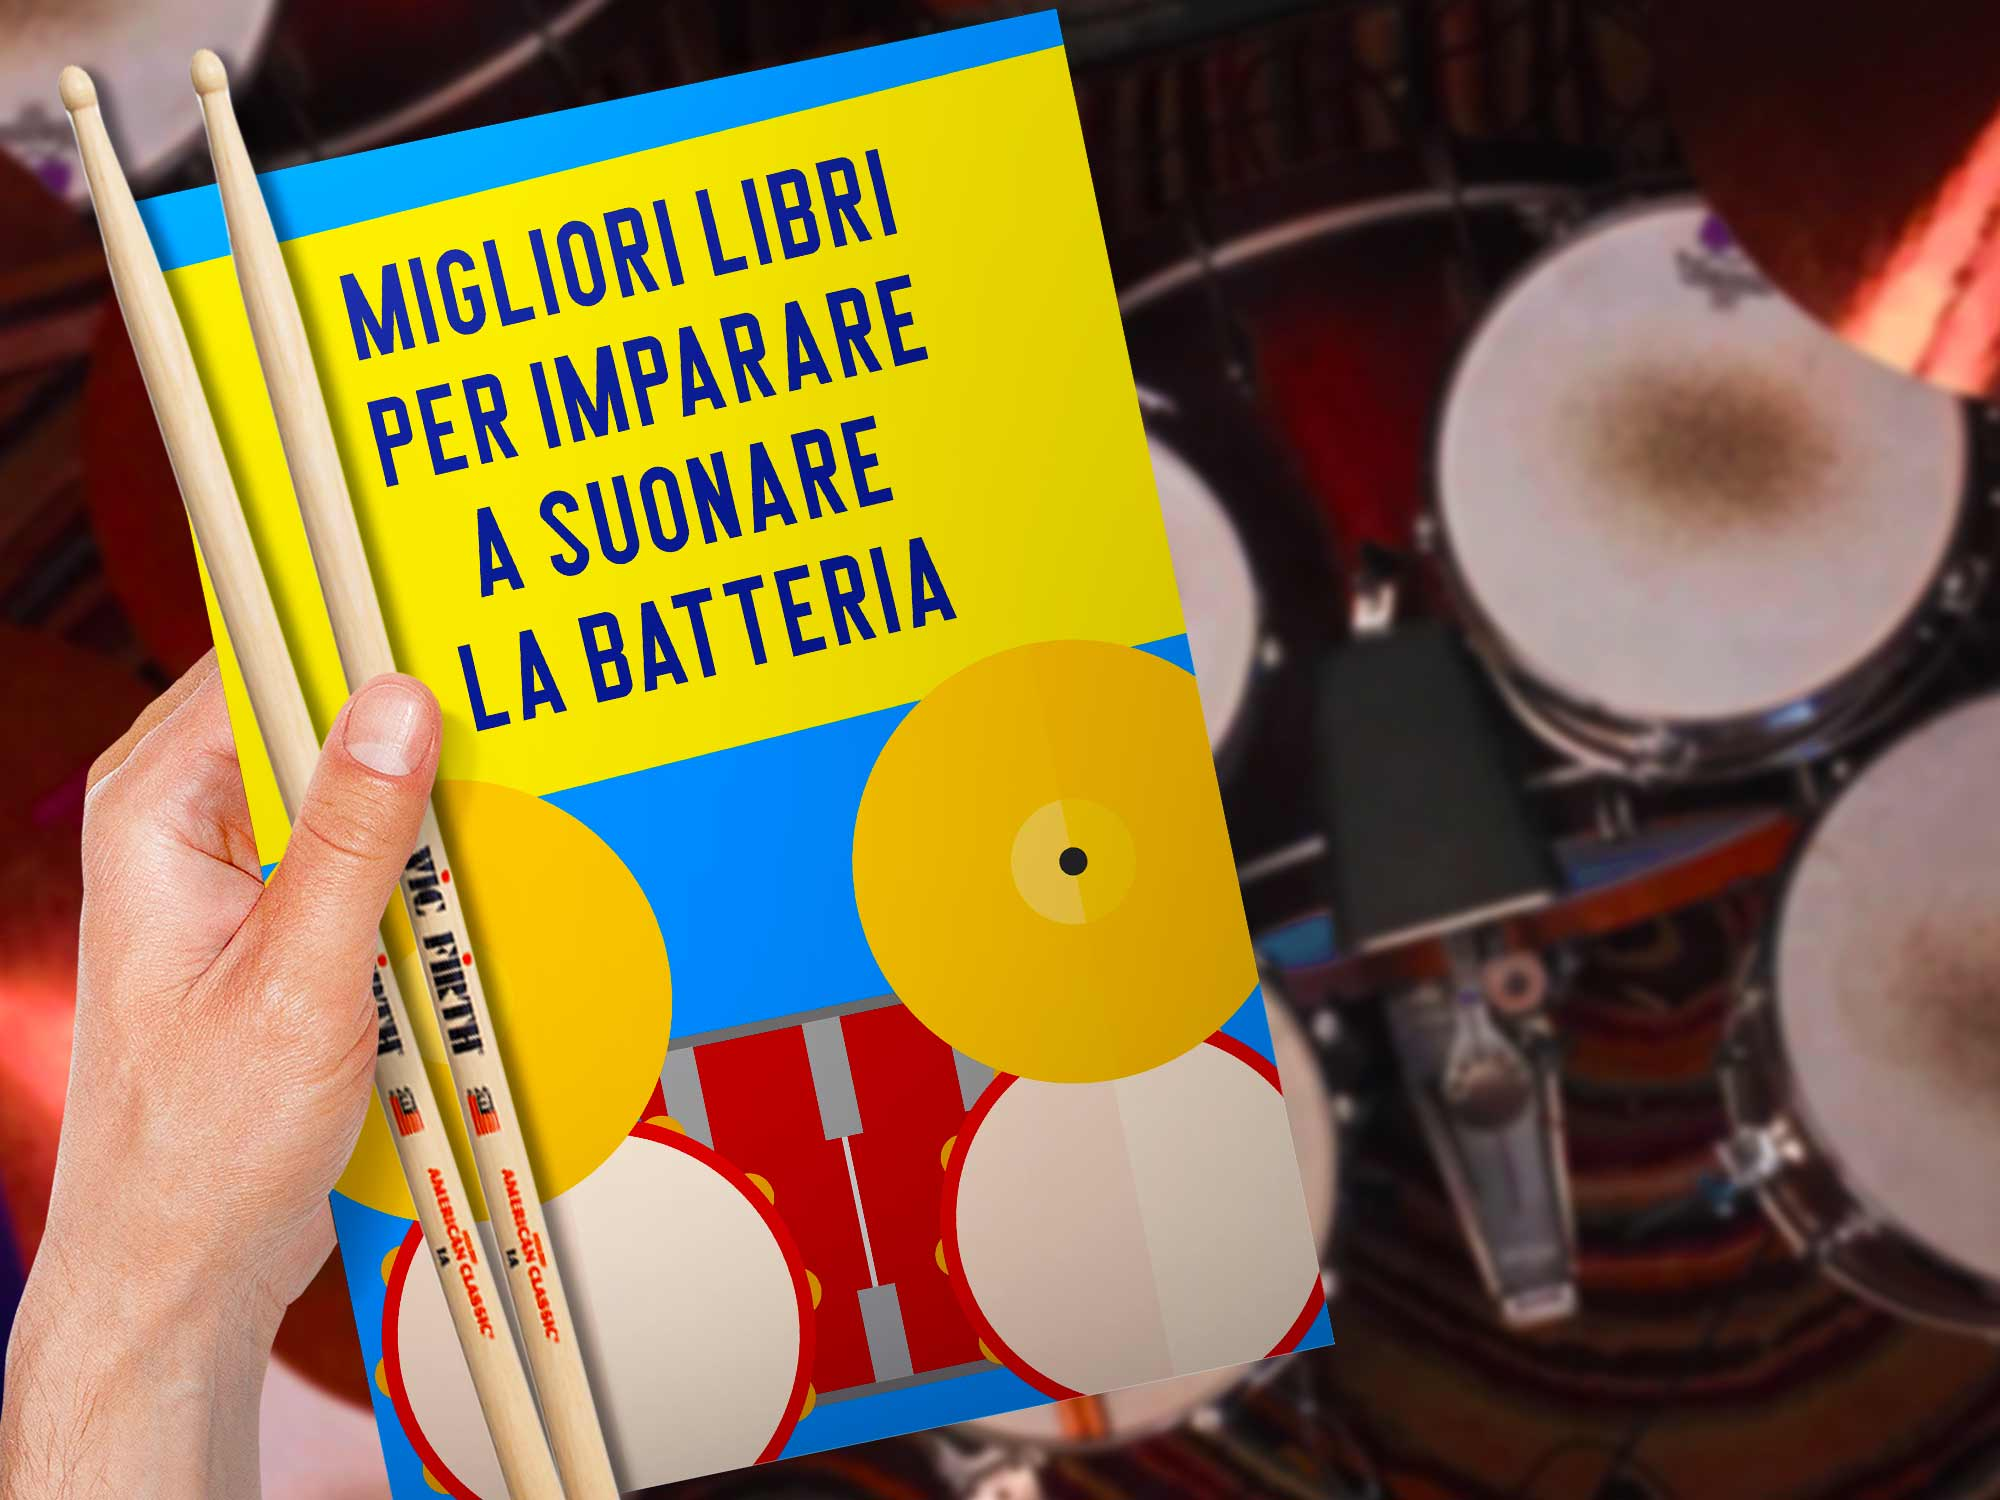 migliori-libri-per-imparare-a-suonare-la-batteria